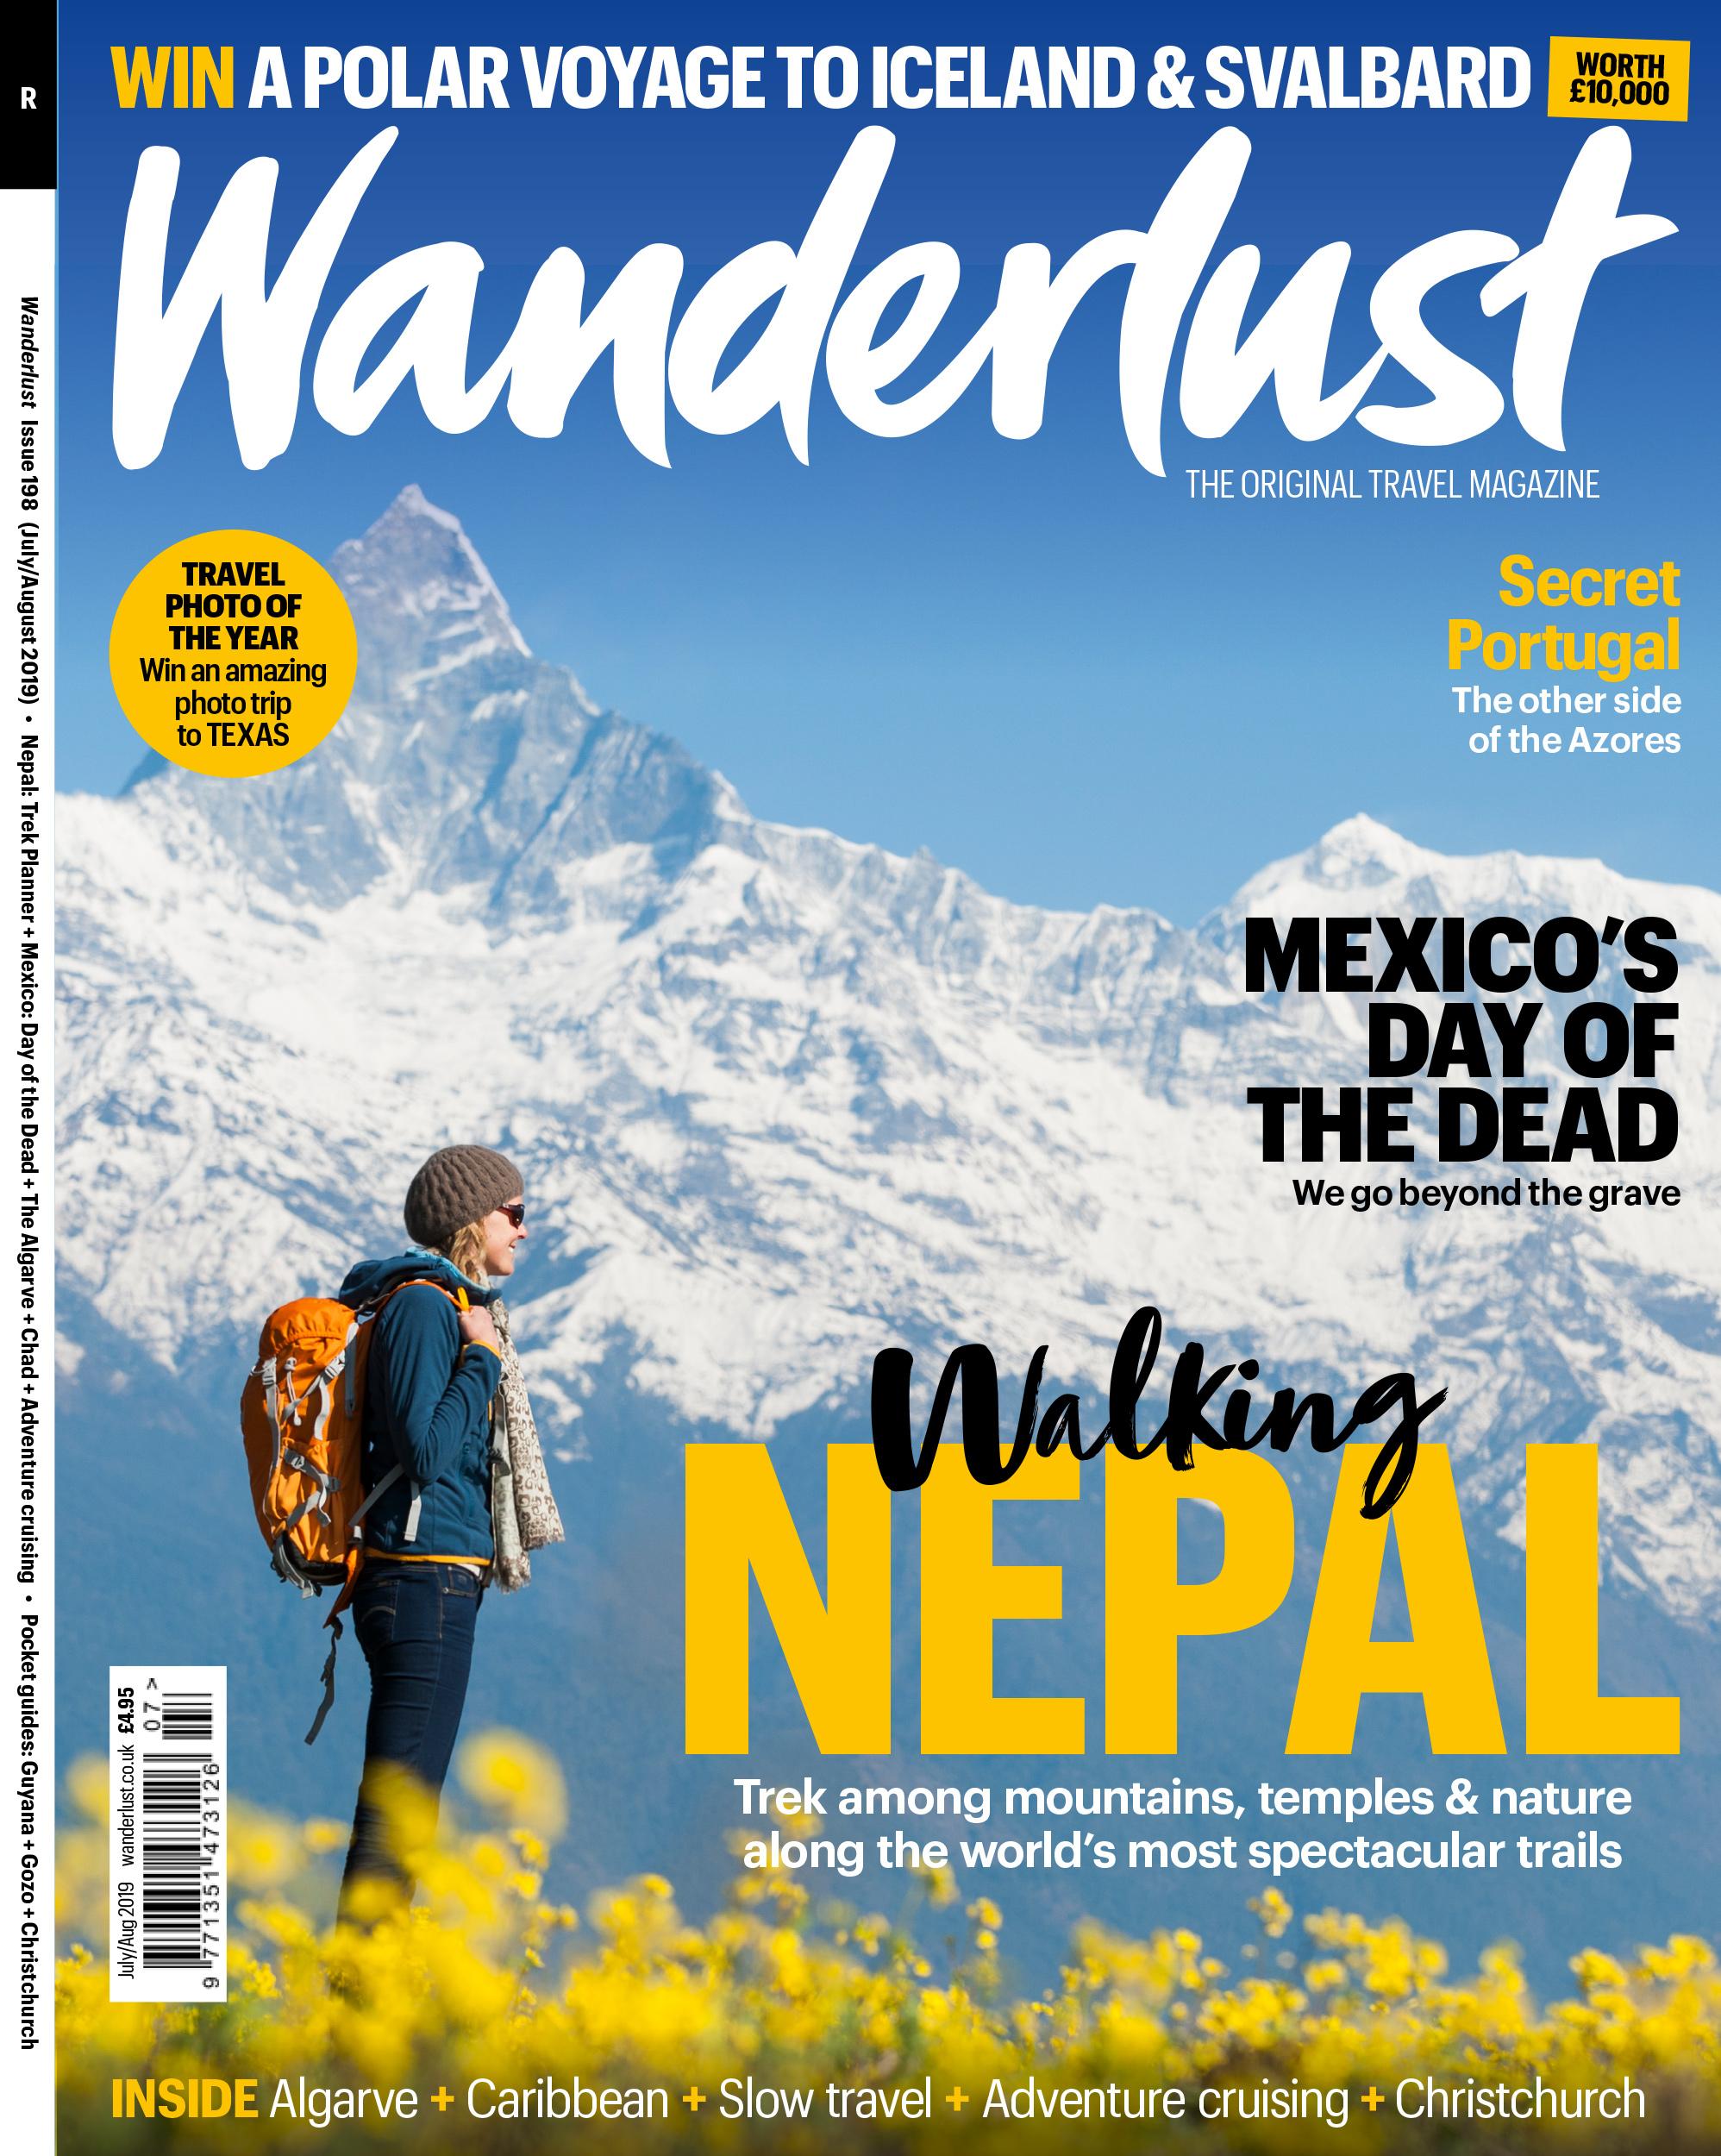 Wanderlust Magazine July/August 2019